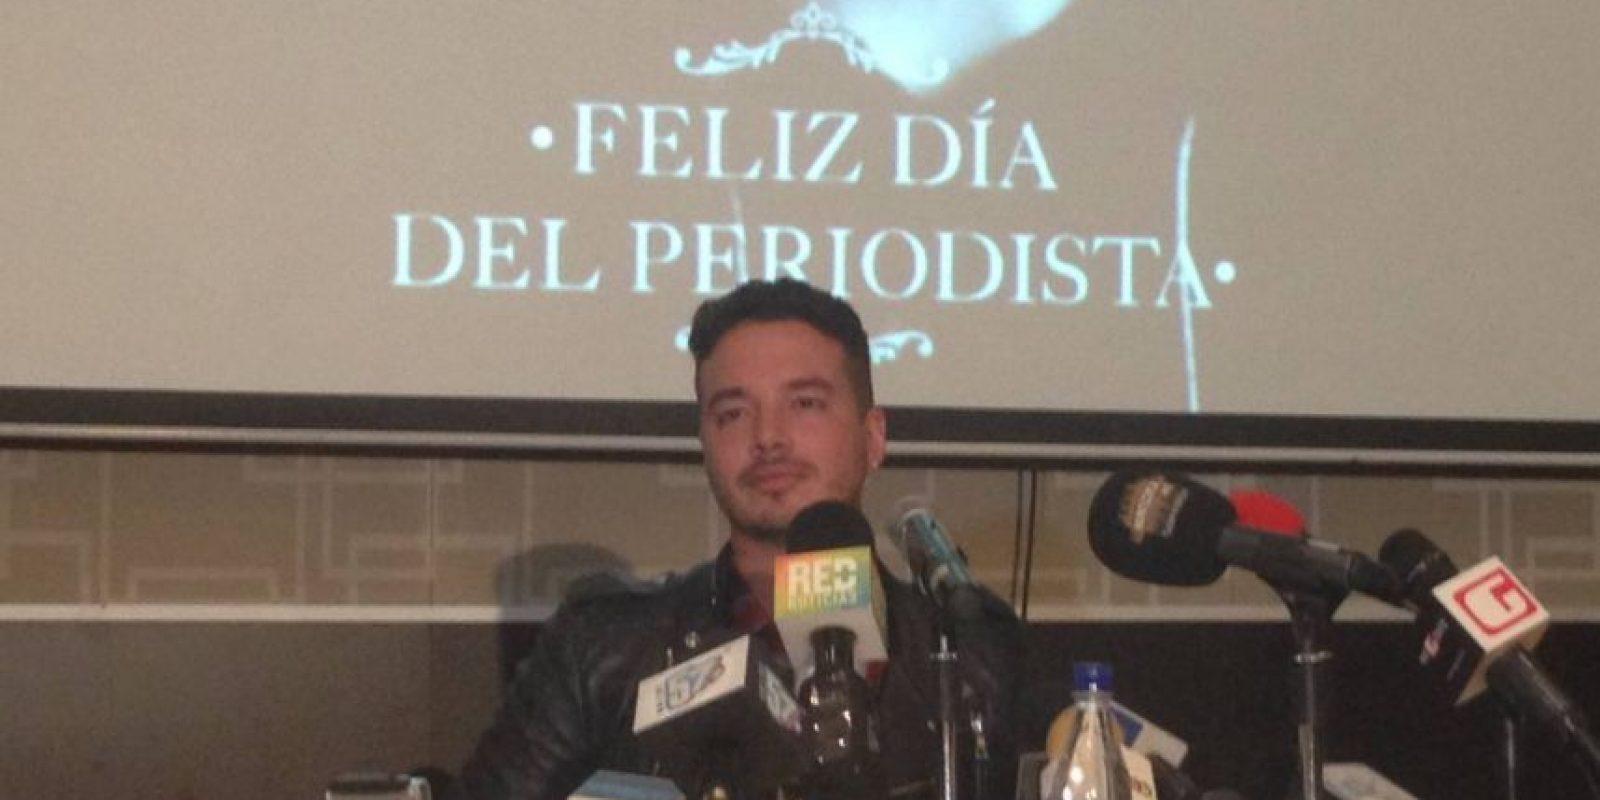 El artista retornó hoy mismo a Estados Unidos, donde continuará con la gira mundial de Enrique Iglesias y Pitbull Foto:Cindy Burgos / Publimetro